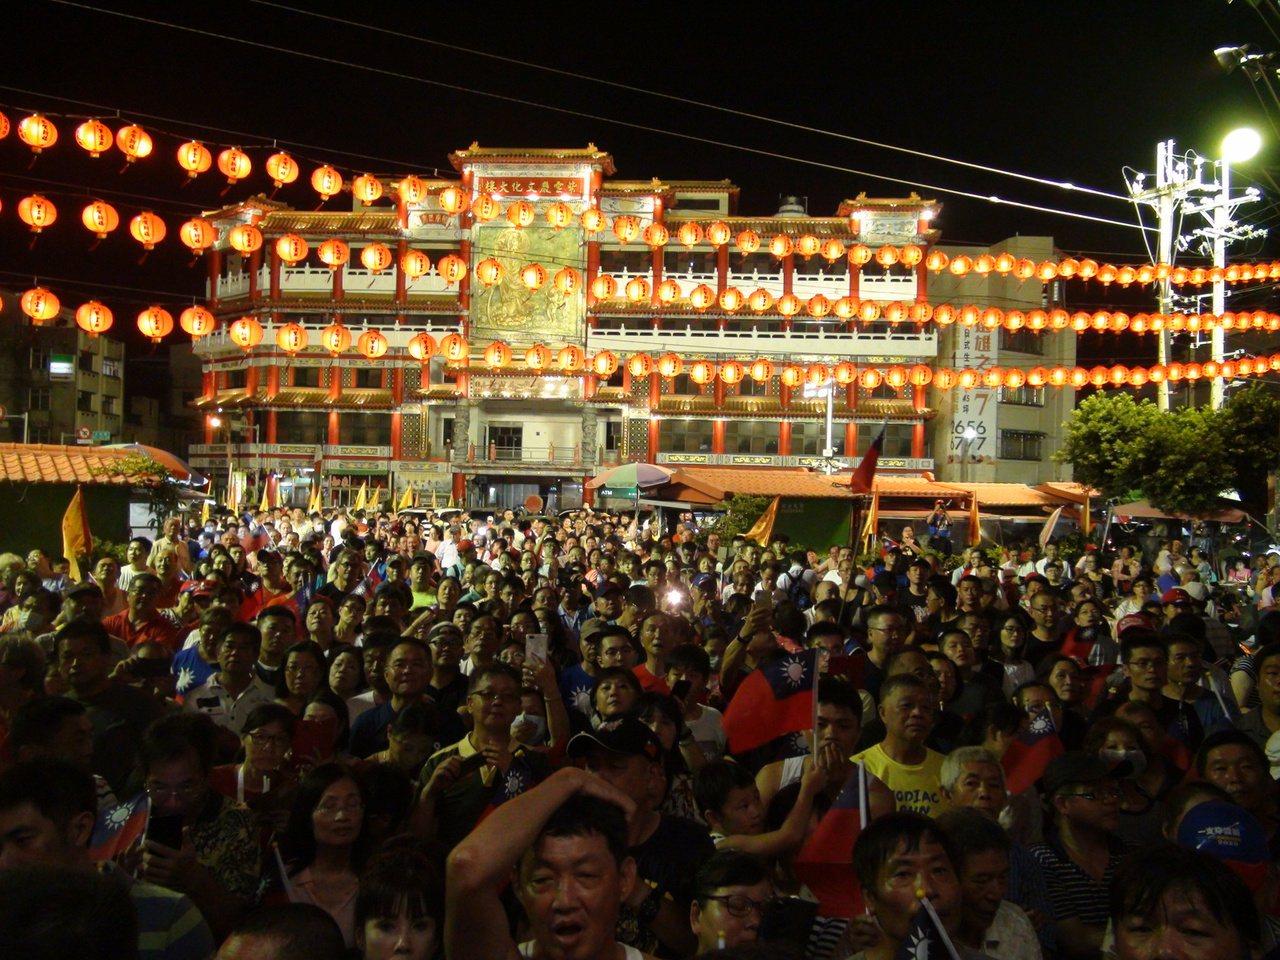 國民黨總統參選人韓國瑜今晚到清水紫雲巖參拜,廟埕擠滿人潮。記者余采瀅/攝影